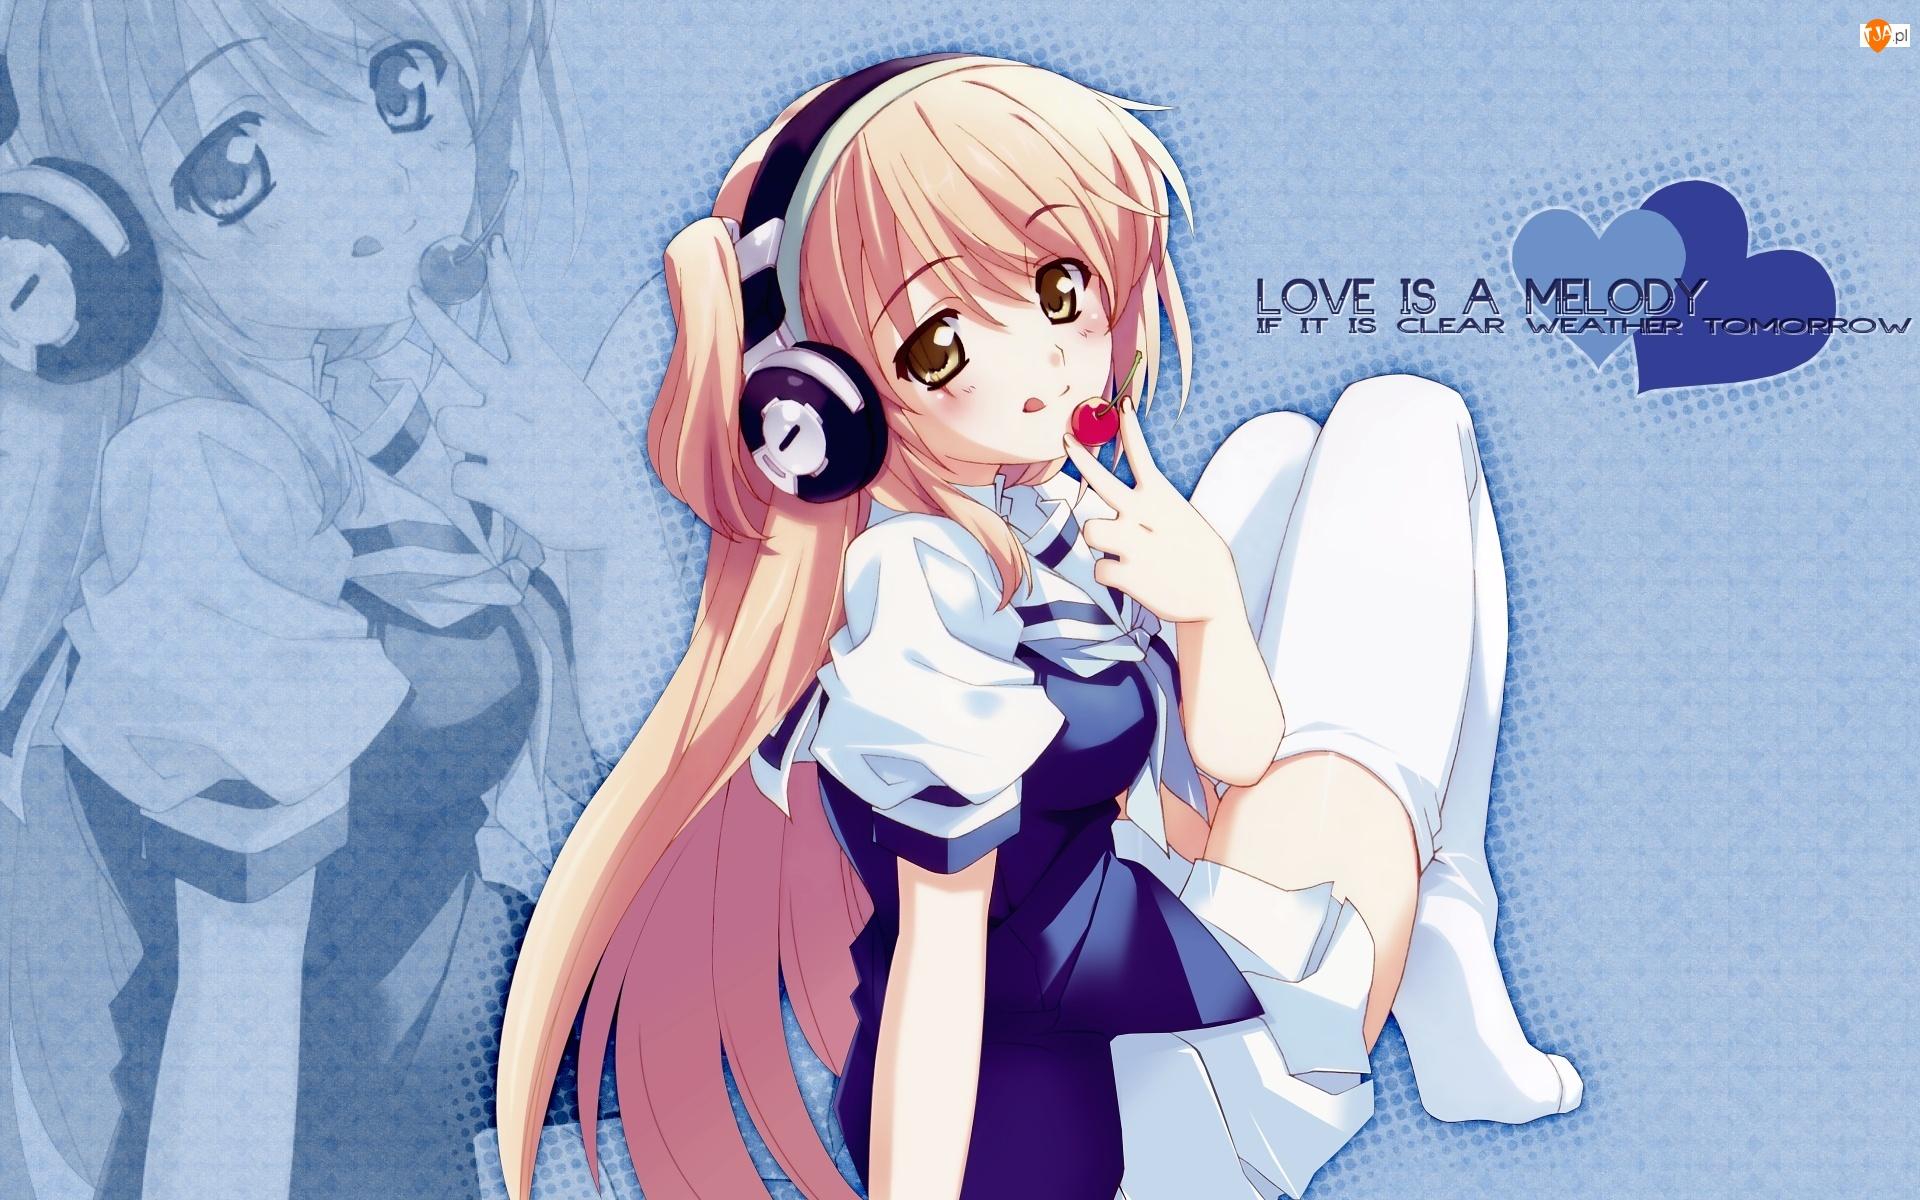 Słuchawki, Serca, Grafika 2D, Dziewczyna, Anime, Manga, Napisy